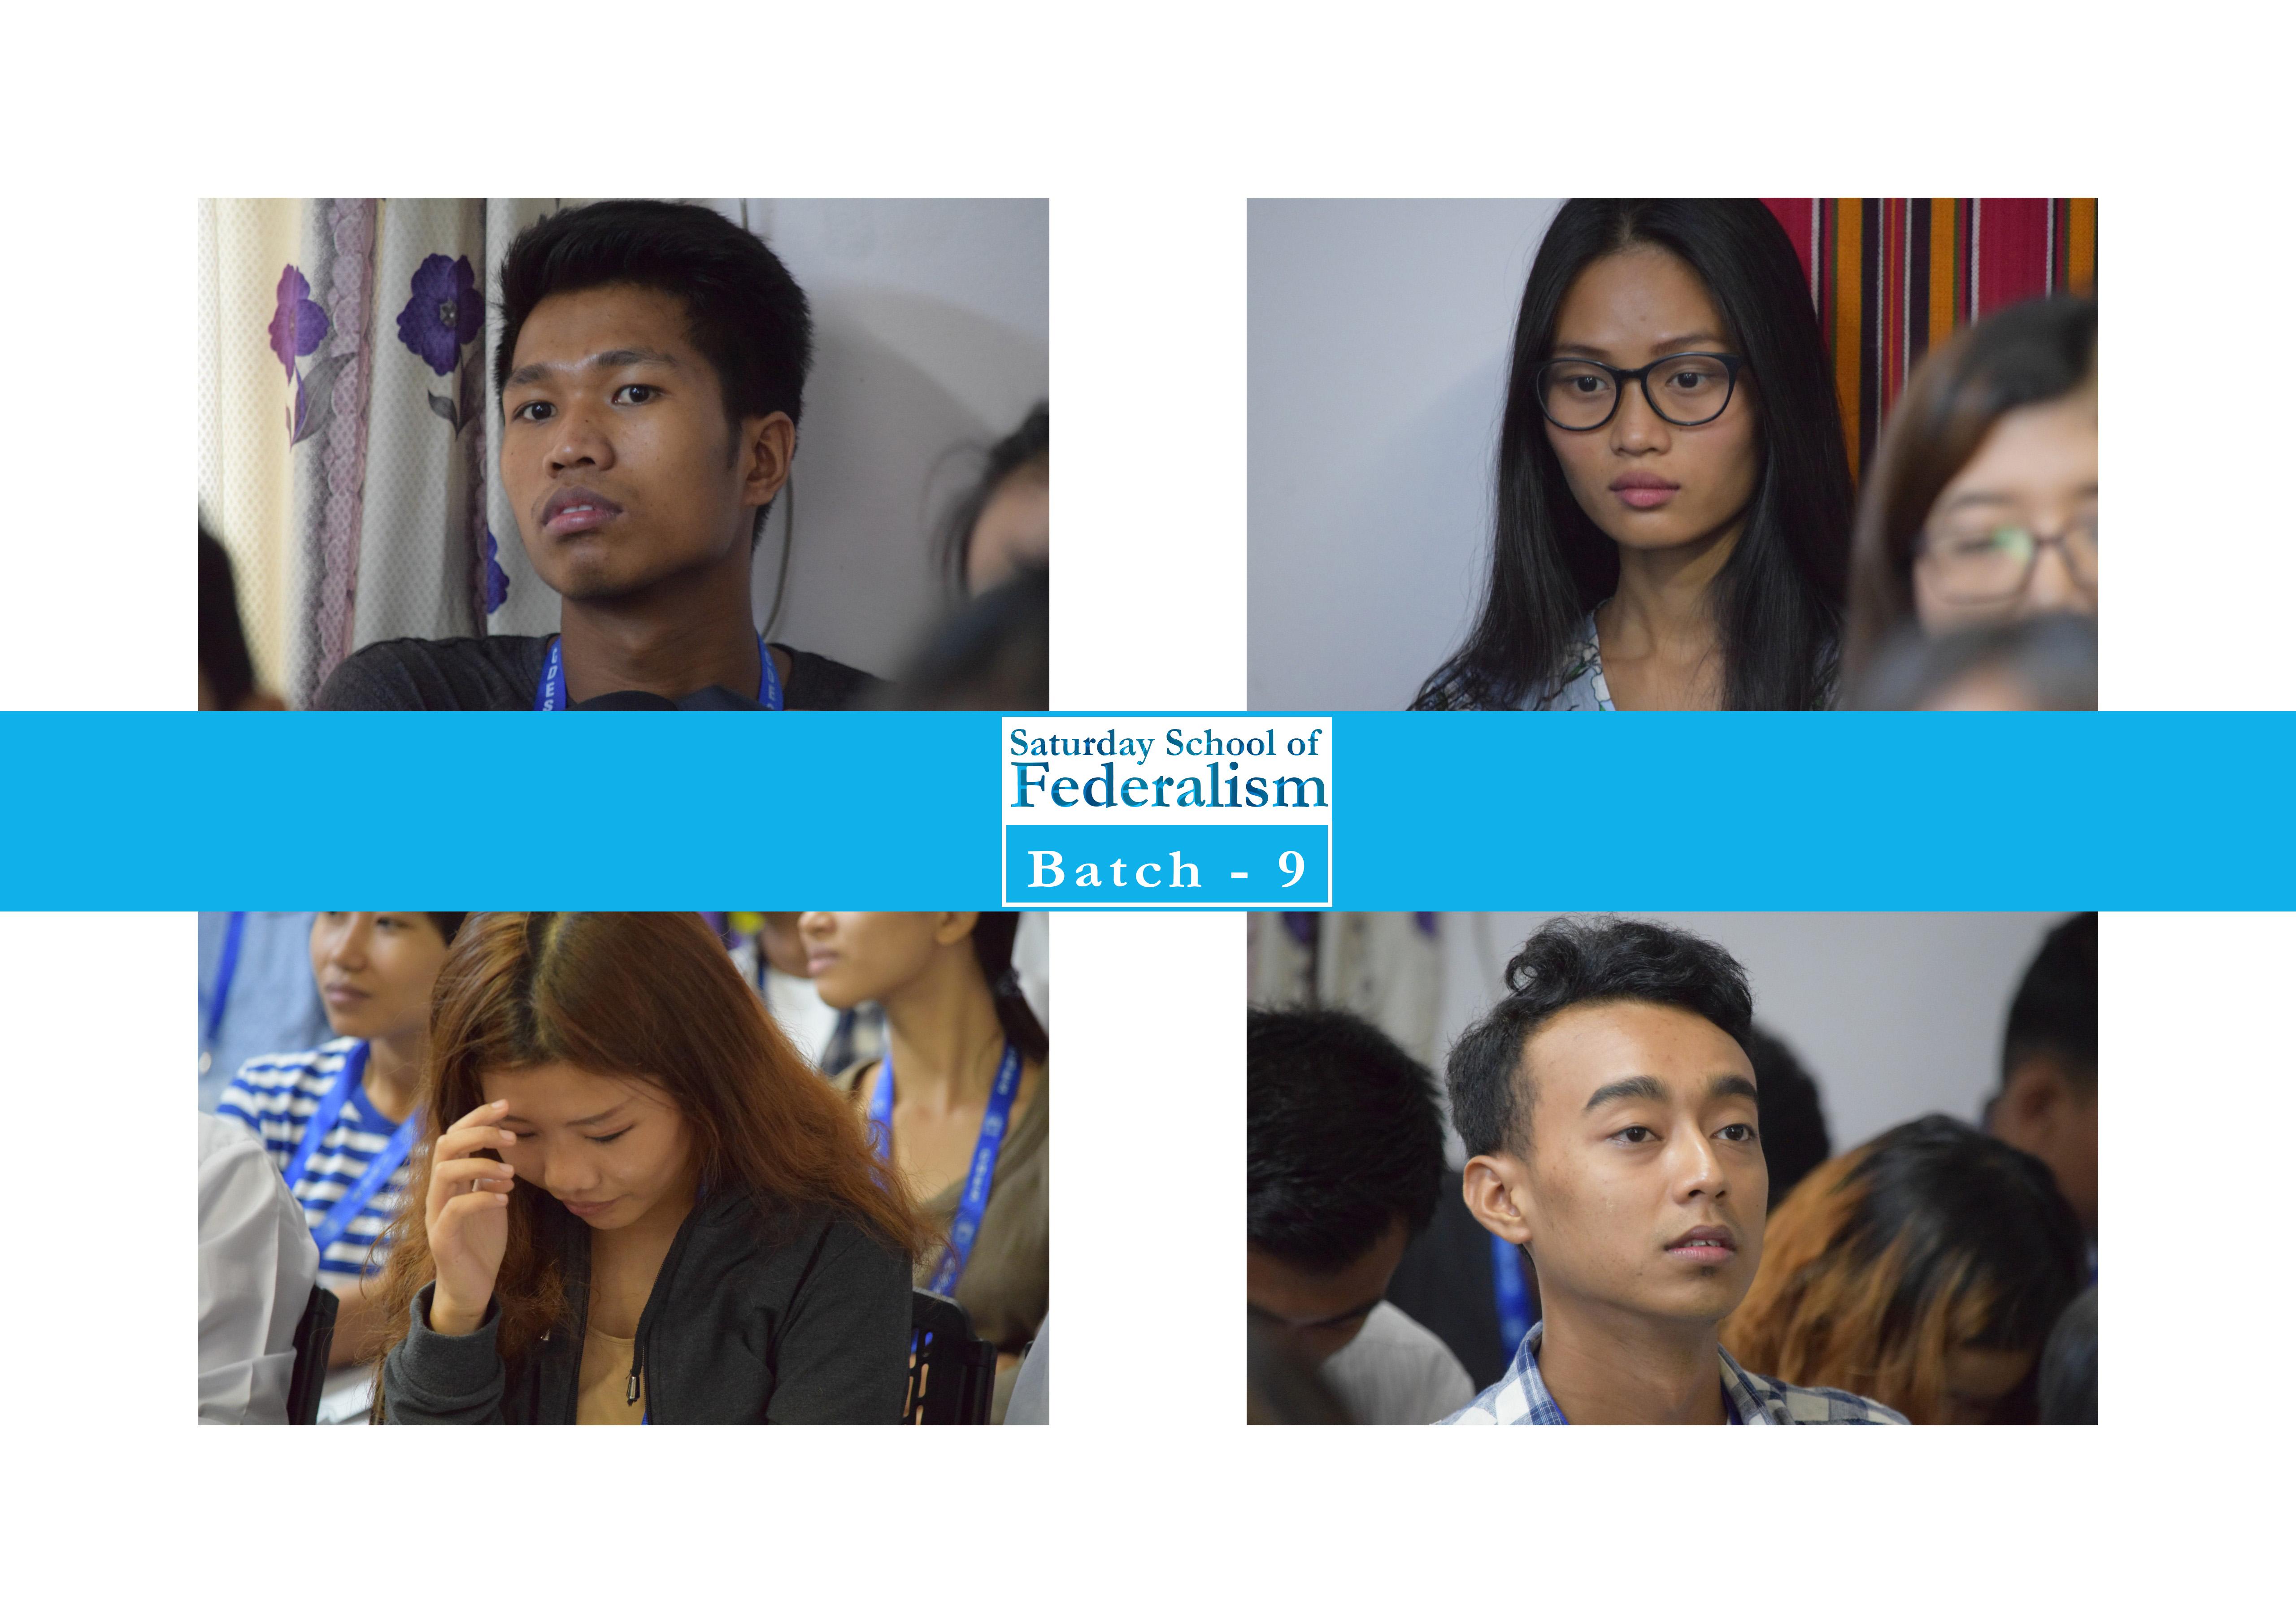 Saturday School of Federalism (Batch-9)